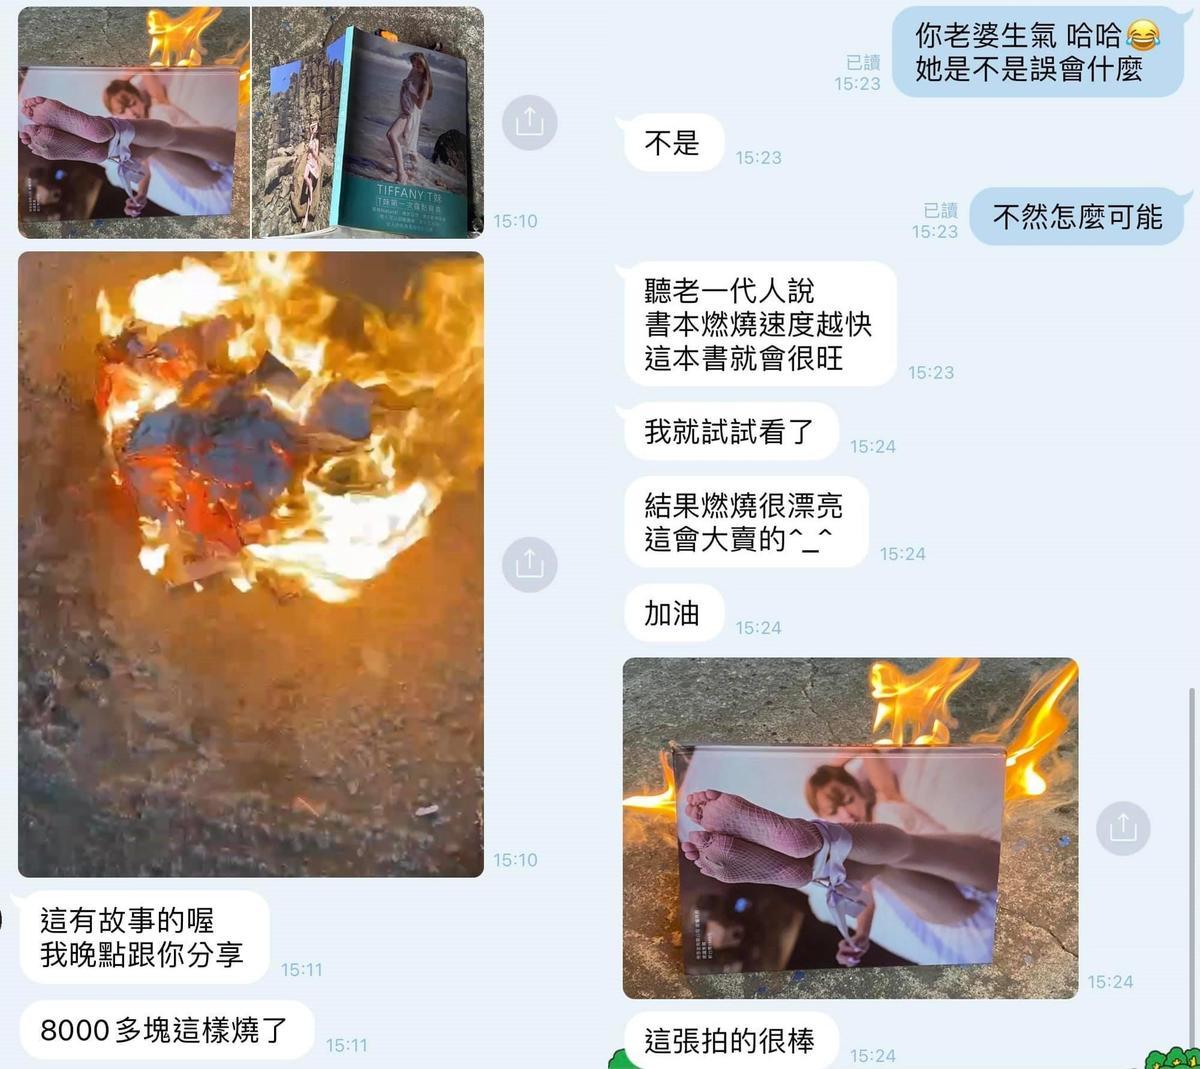 T妹的粉絲把她的寫真集燒掉。(翻攝自T妹臉書)